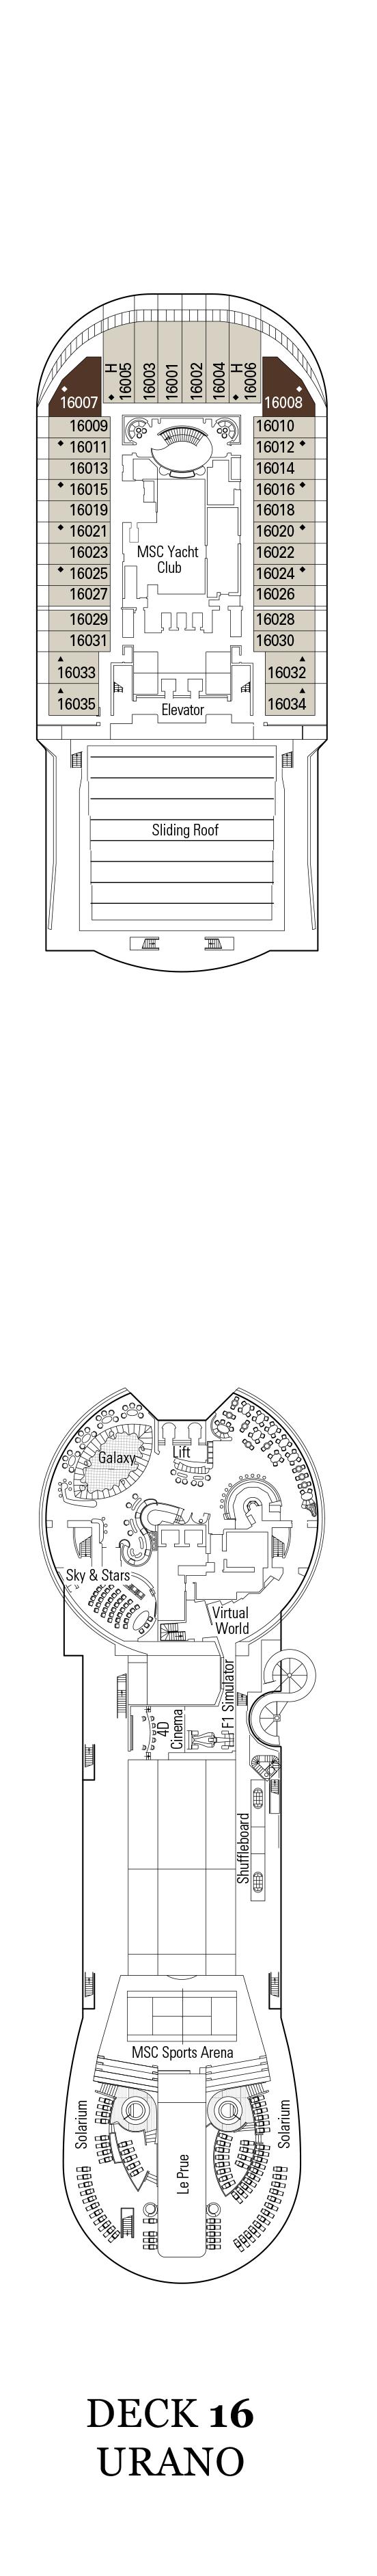 MSC Divina Deck Plans | CruiseInd